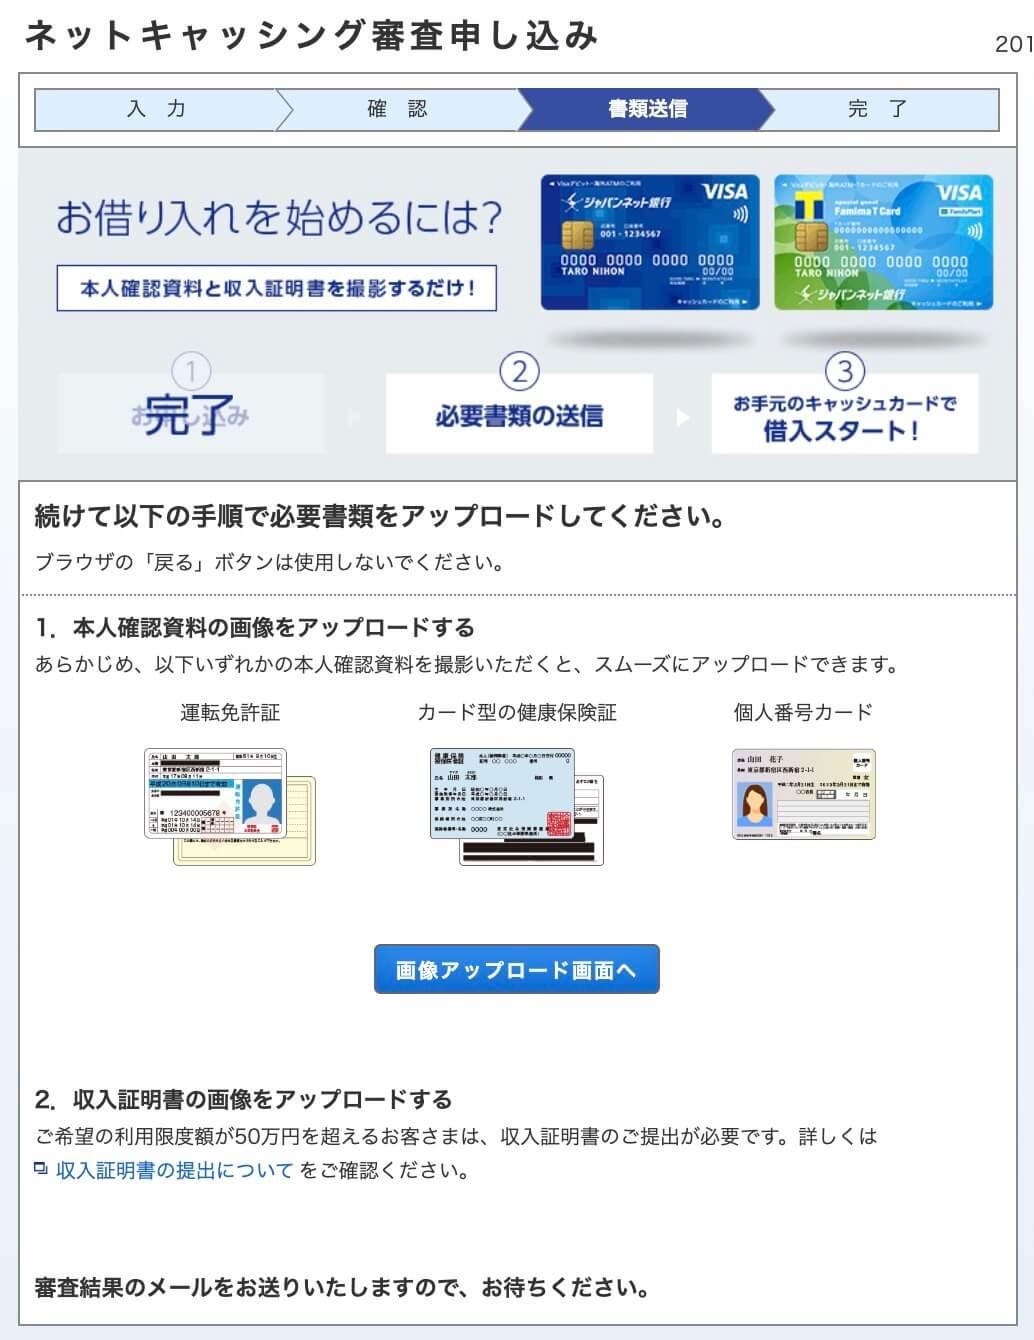 ジャパンネット銀行ネットキャッシング申し込み手順3